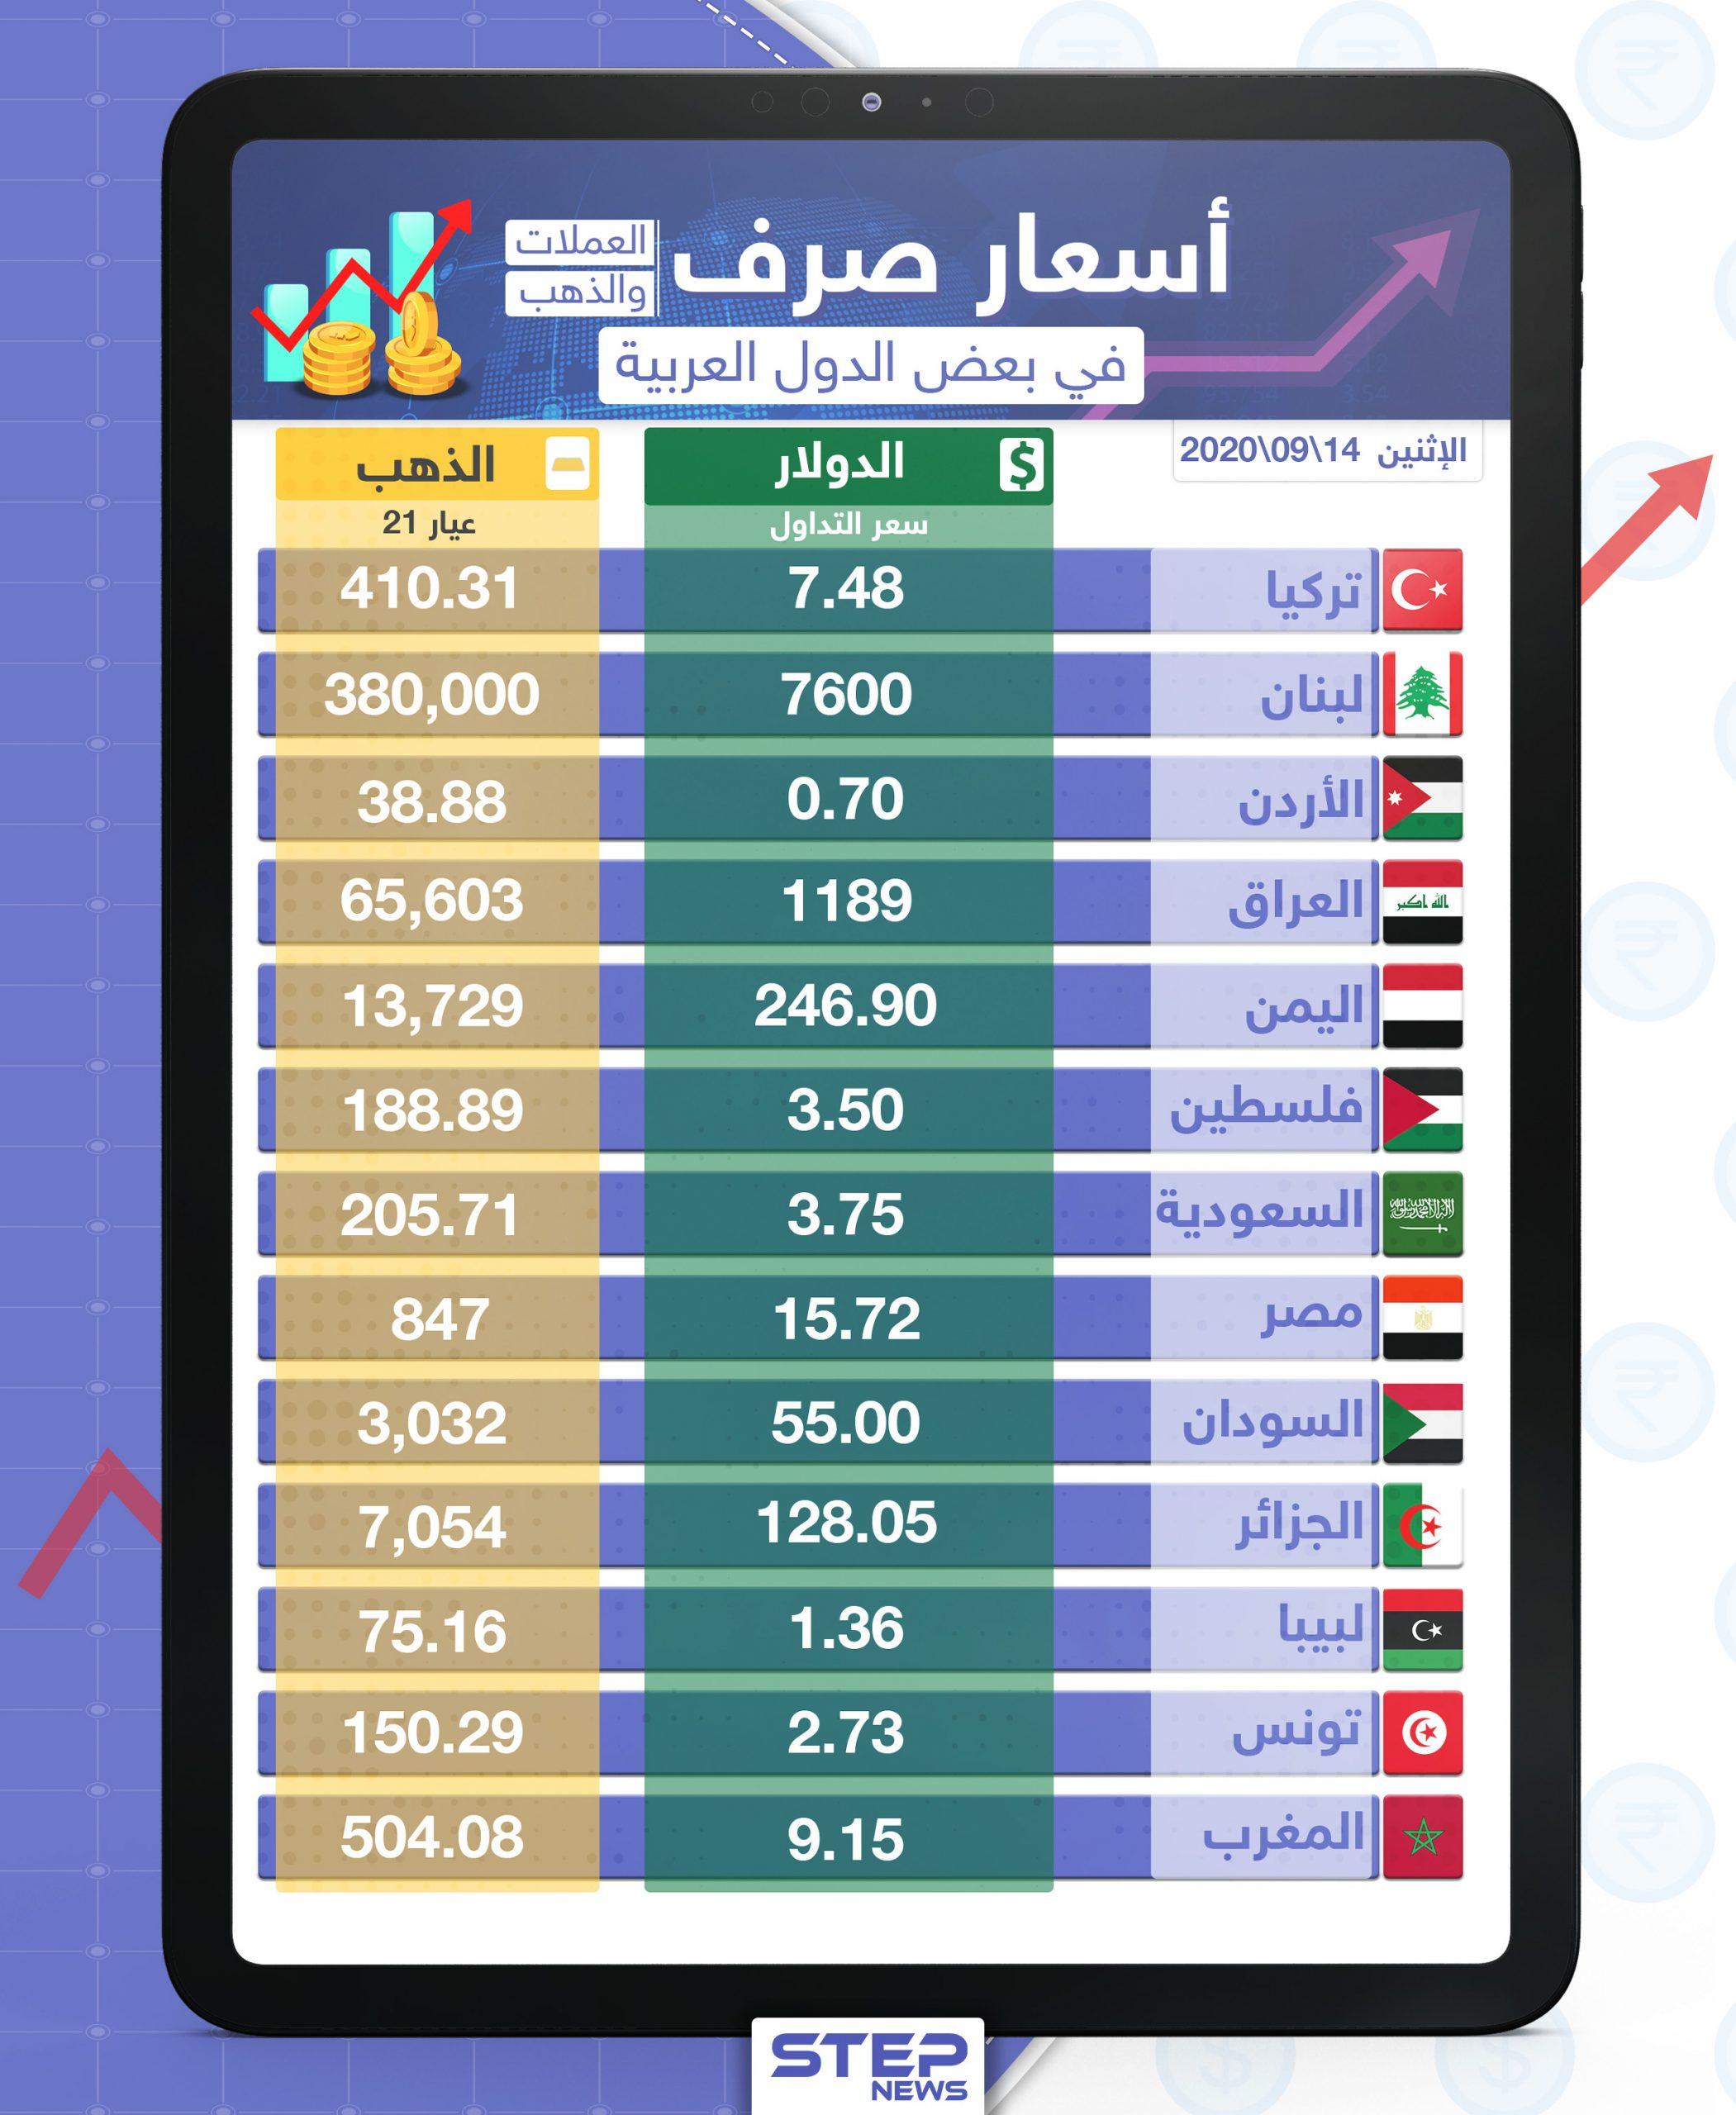 أسعار الذهب والعملات للدول العربية وتركيا اليوم الاثنين الموافق 14 آيلول 2020